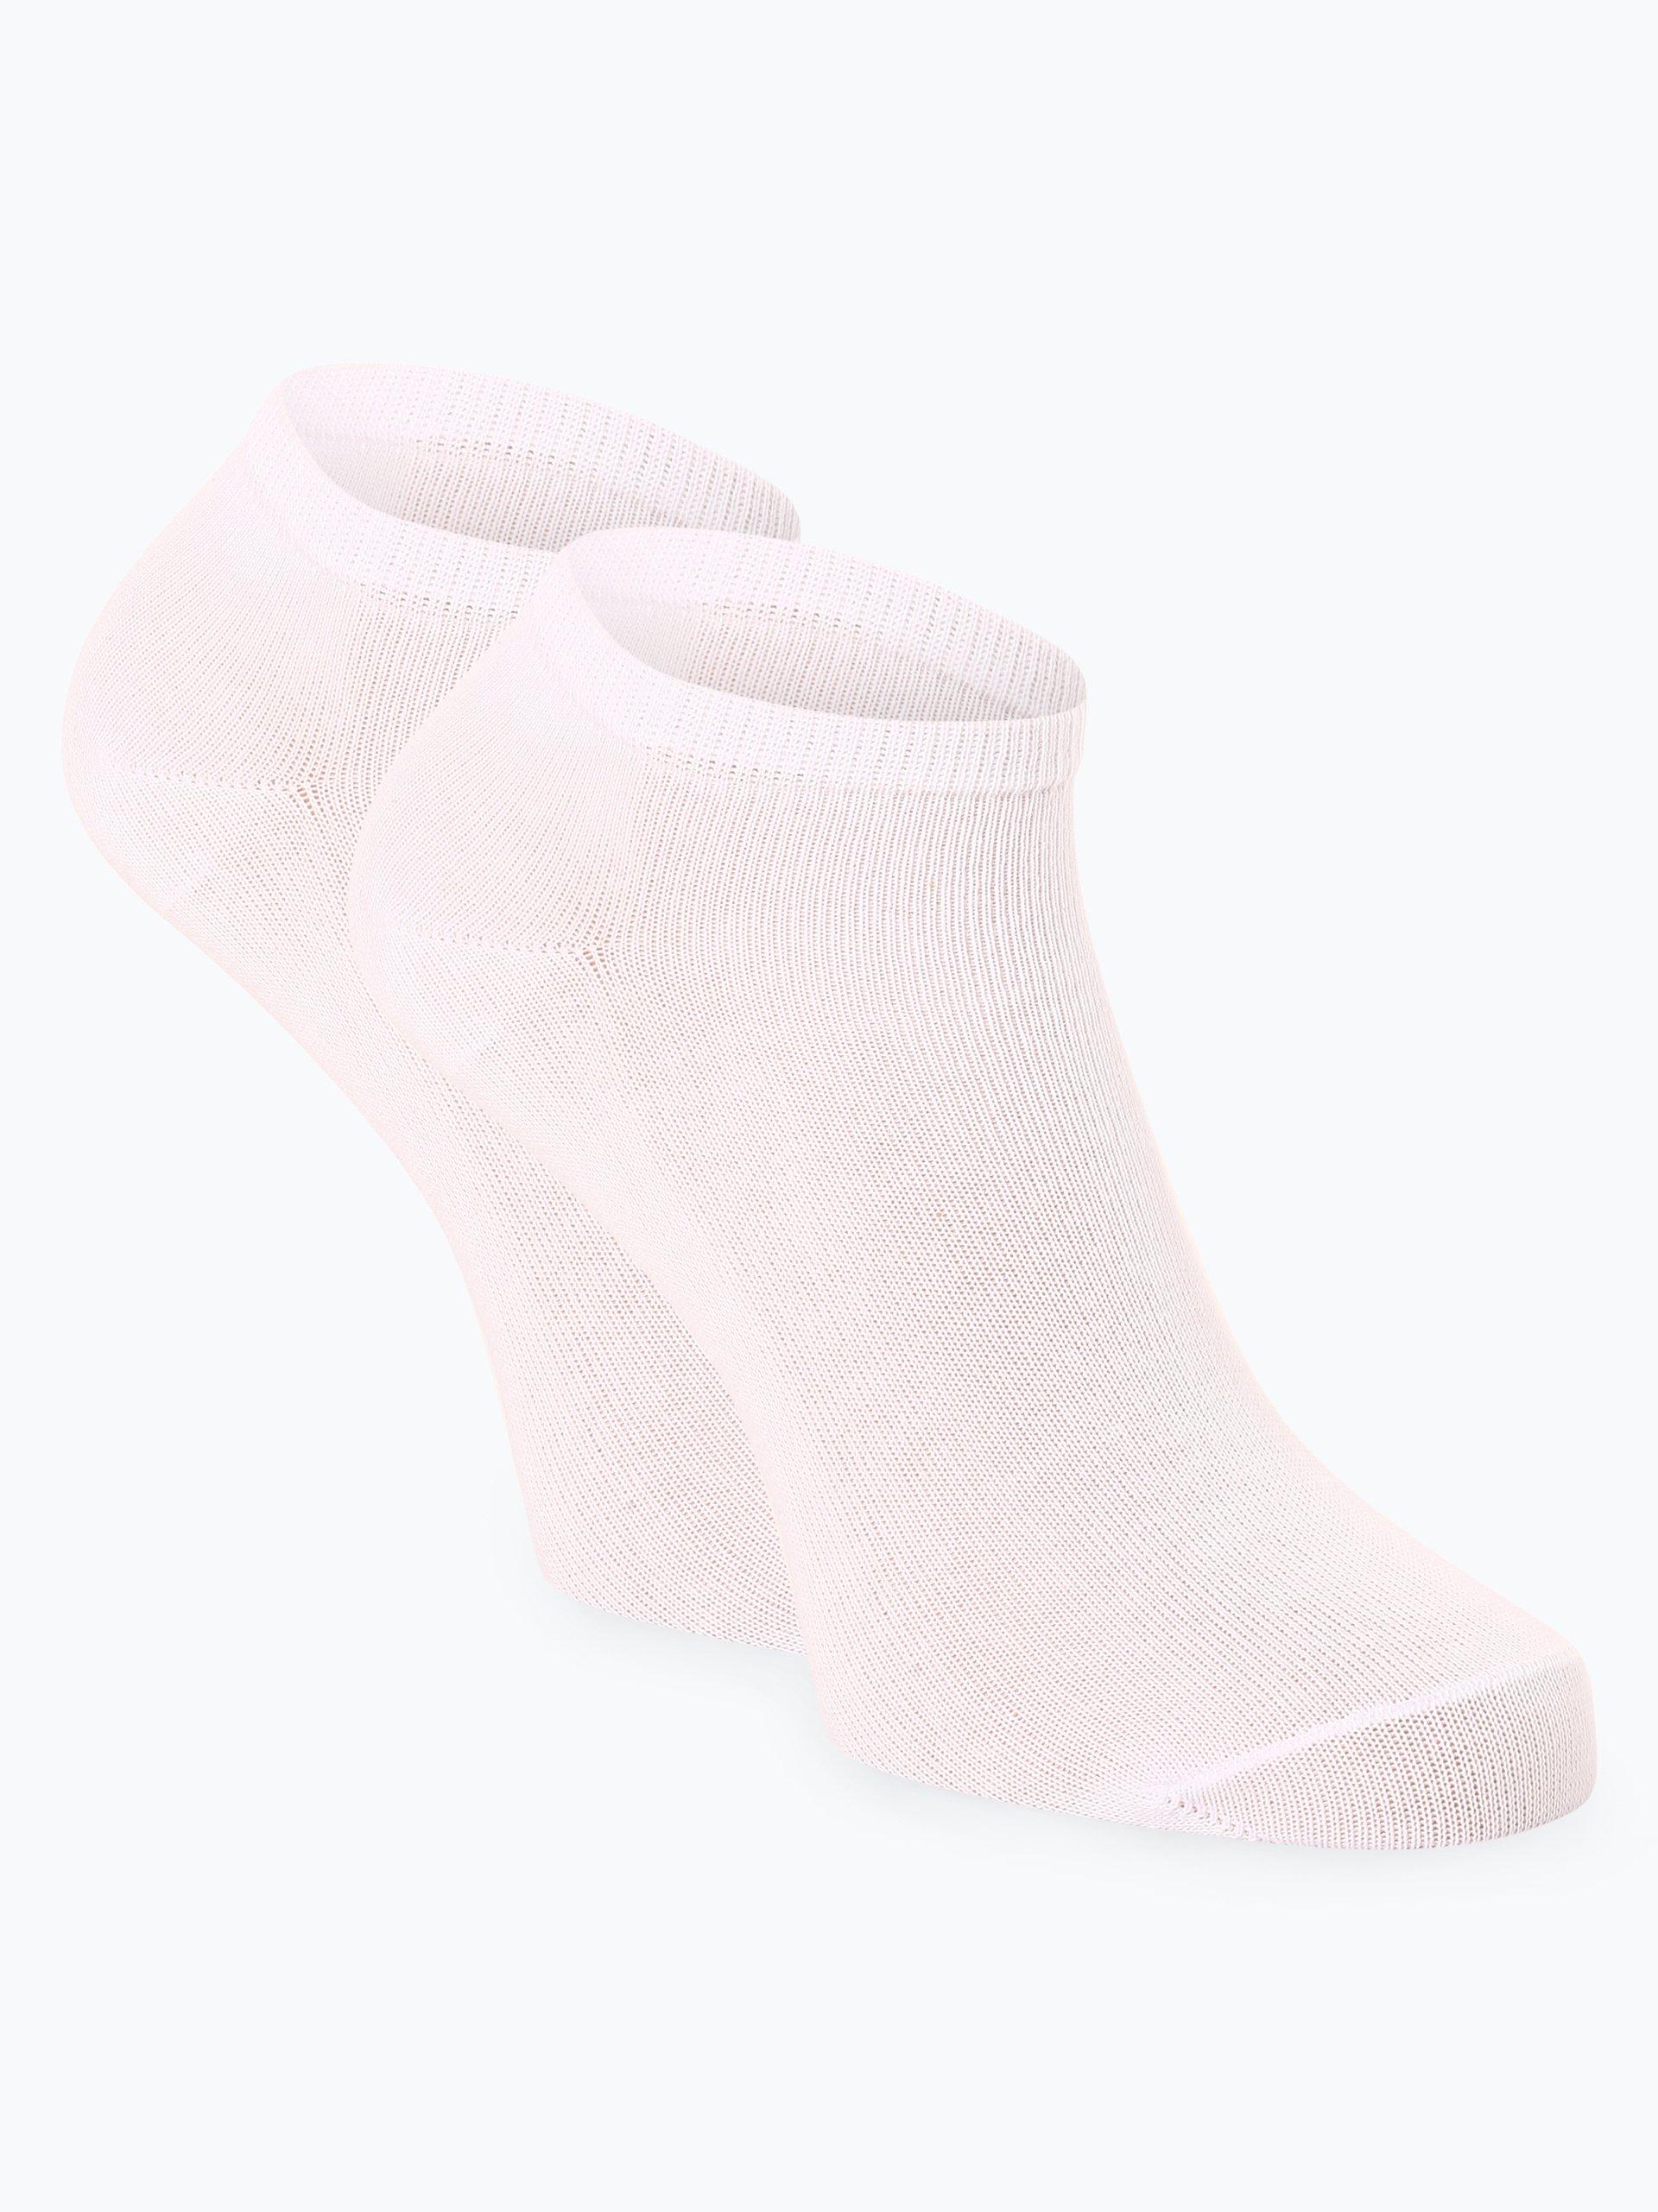 Marie Lund Damskie skarpety do obuwia sportowego pakowane po 2 szt.